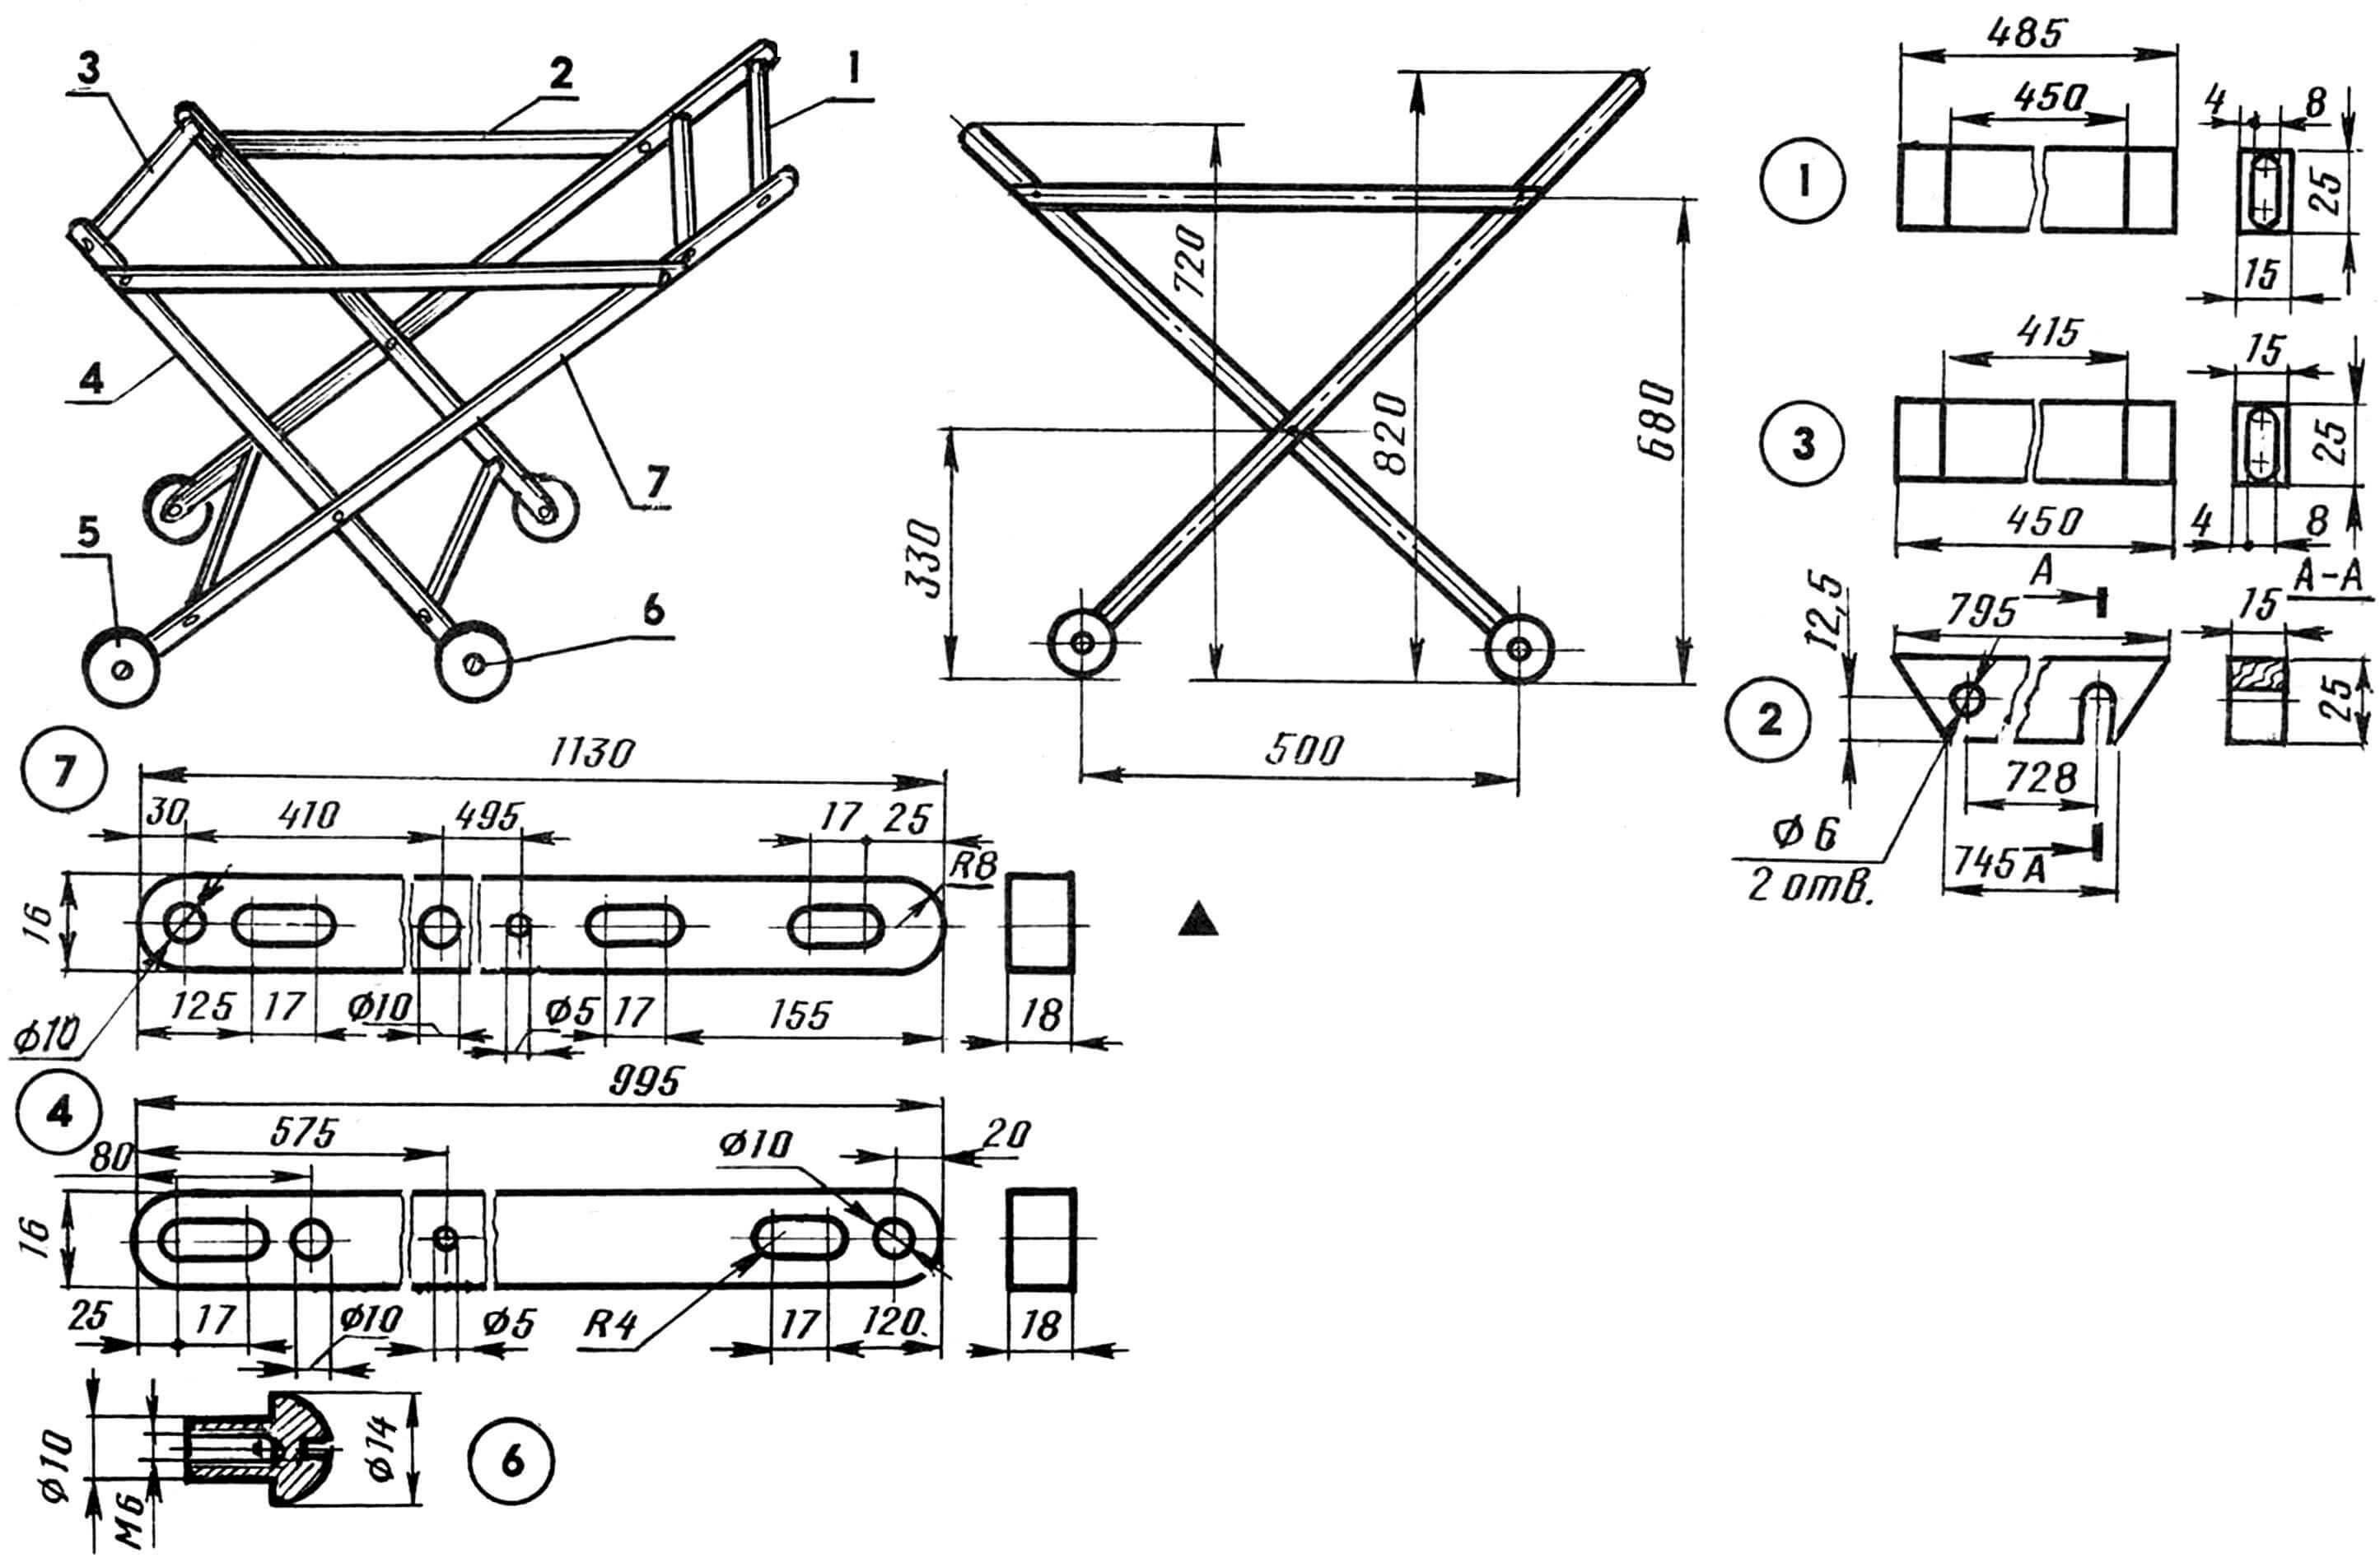 Рис. 1. Каркас тележки: 1 — поперечные элементы внешней рамки (3 шт.), 2 — стяжка (2 шт.), 3 — поперечины внутренней рамки (2 шт.), 4,7 — продольные элементы рамок (4 шт.), 5 — колесо (4 шт.), 6 — ось-втулка (4 шт., бронза).